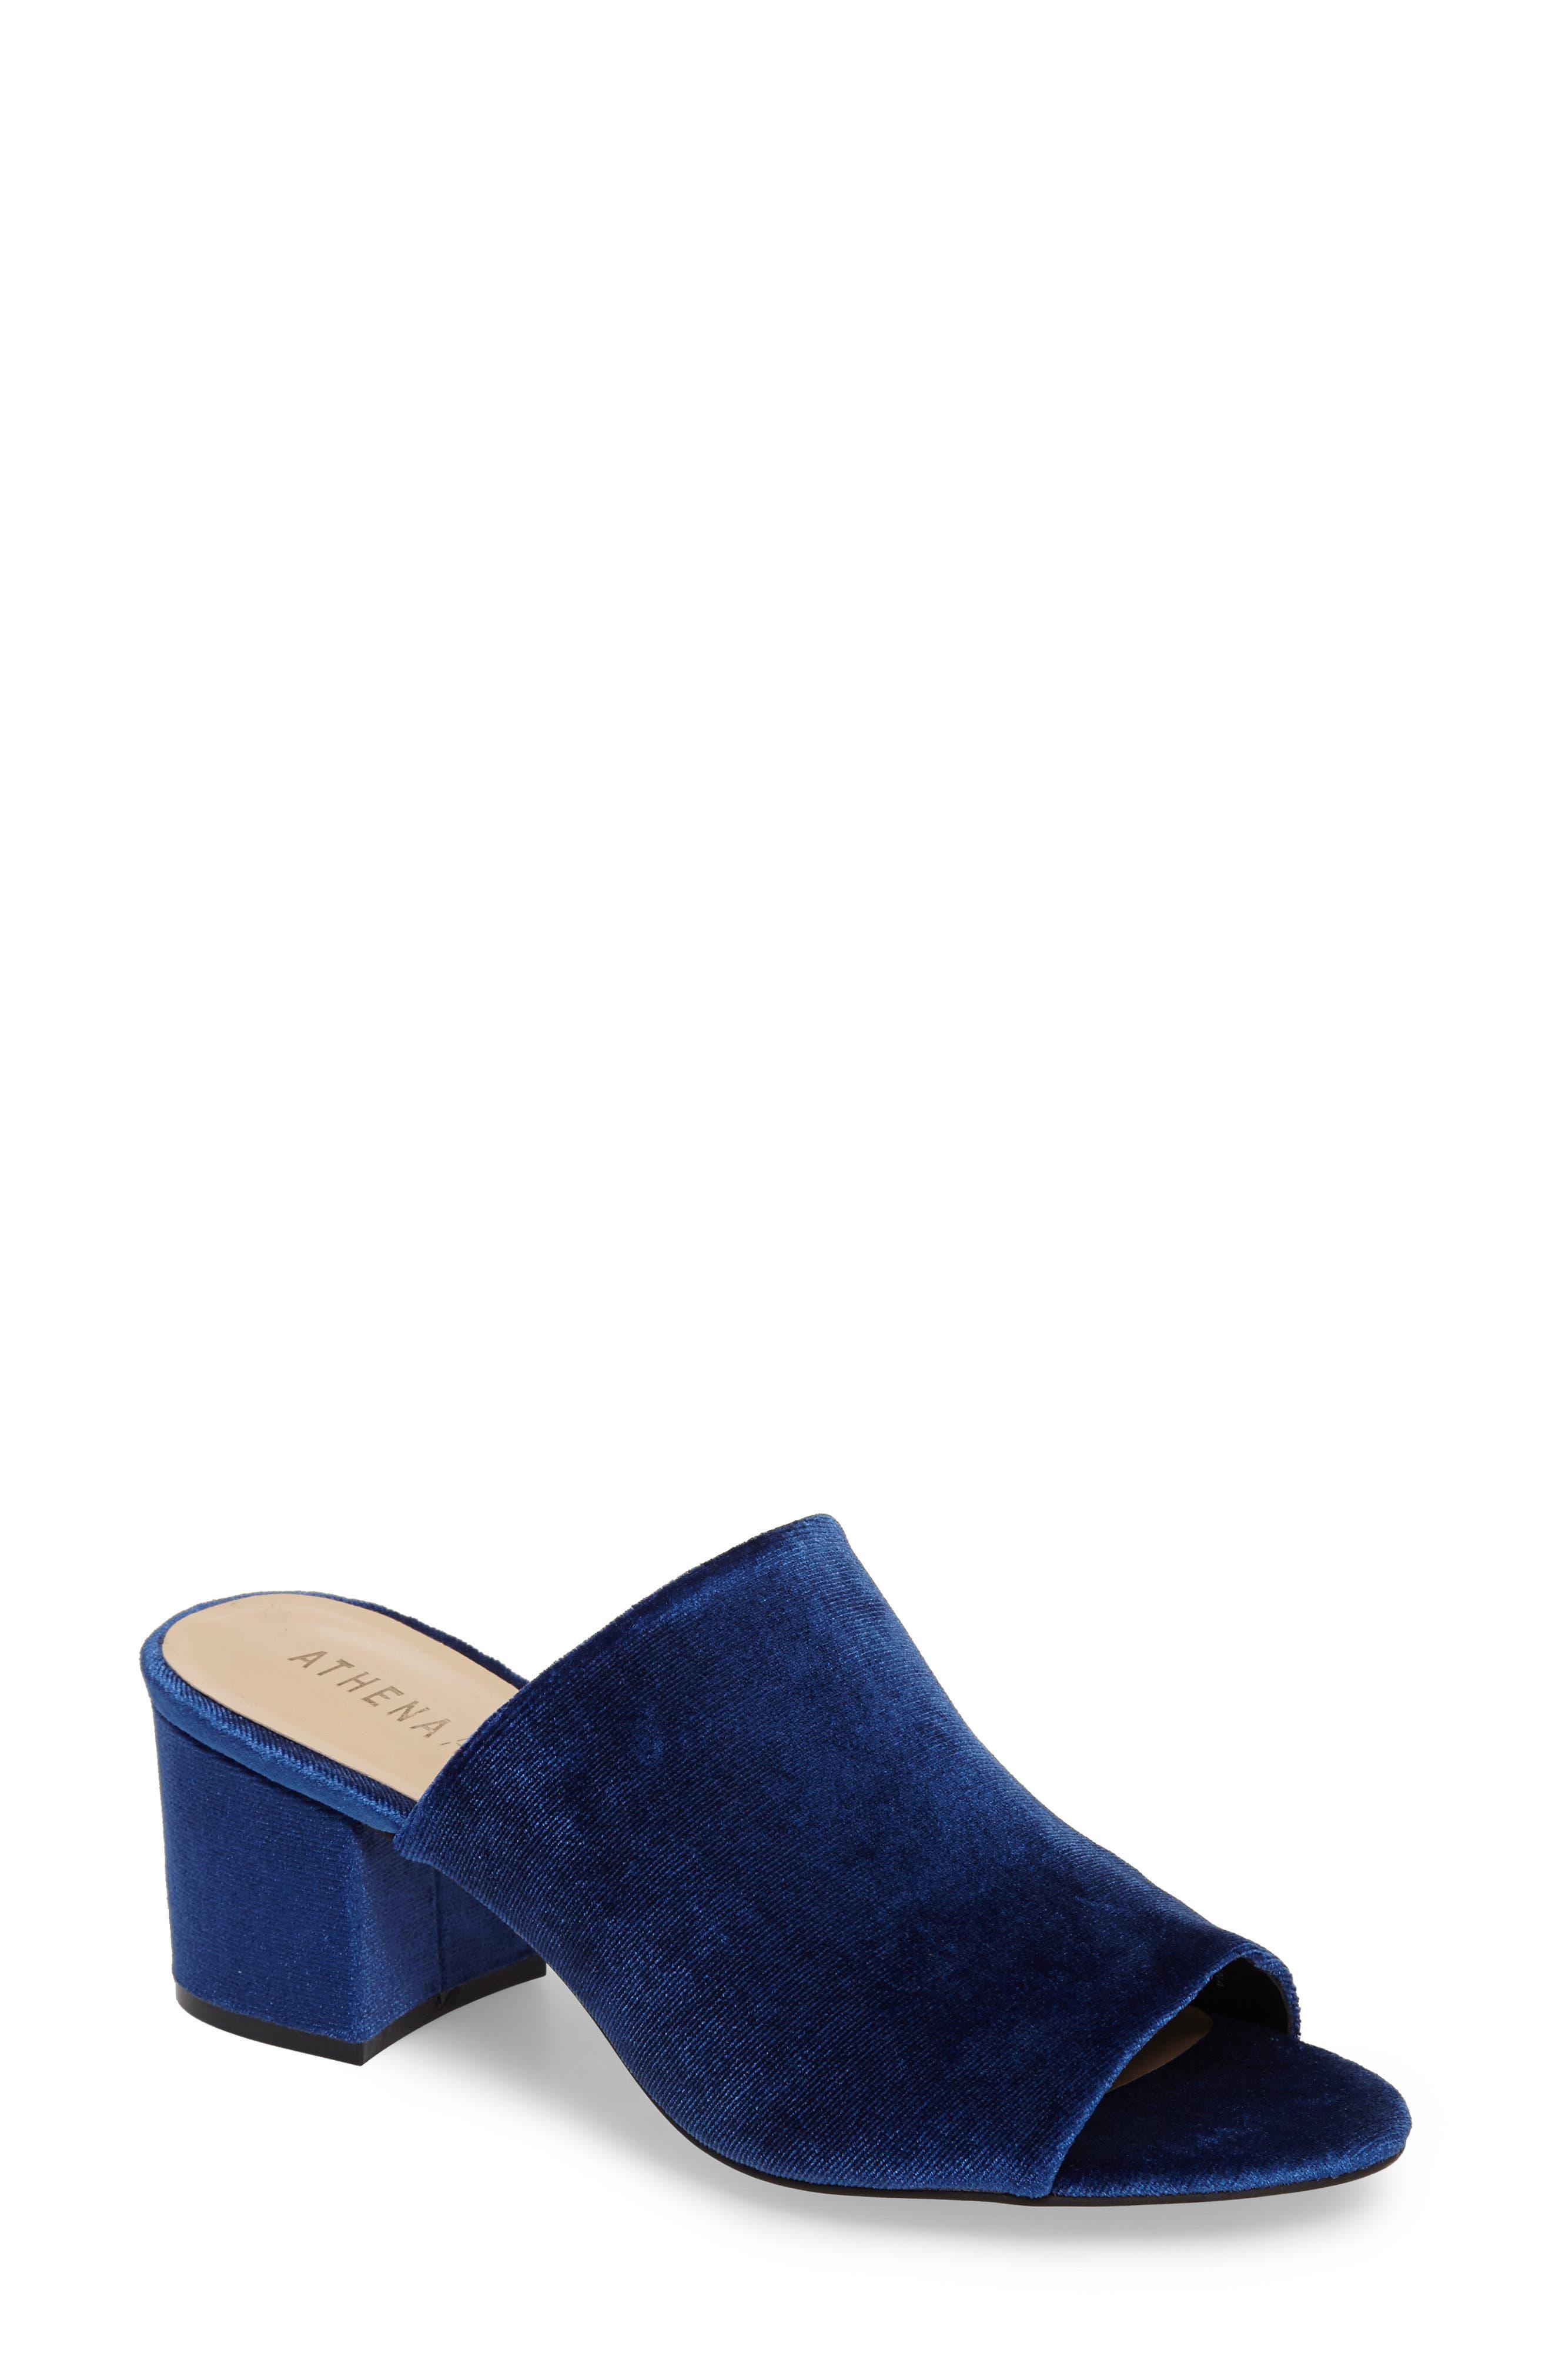 Robyne Slide Sandal,                         Main,                         color, Navy Velvet